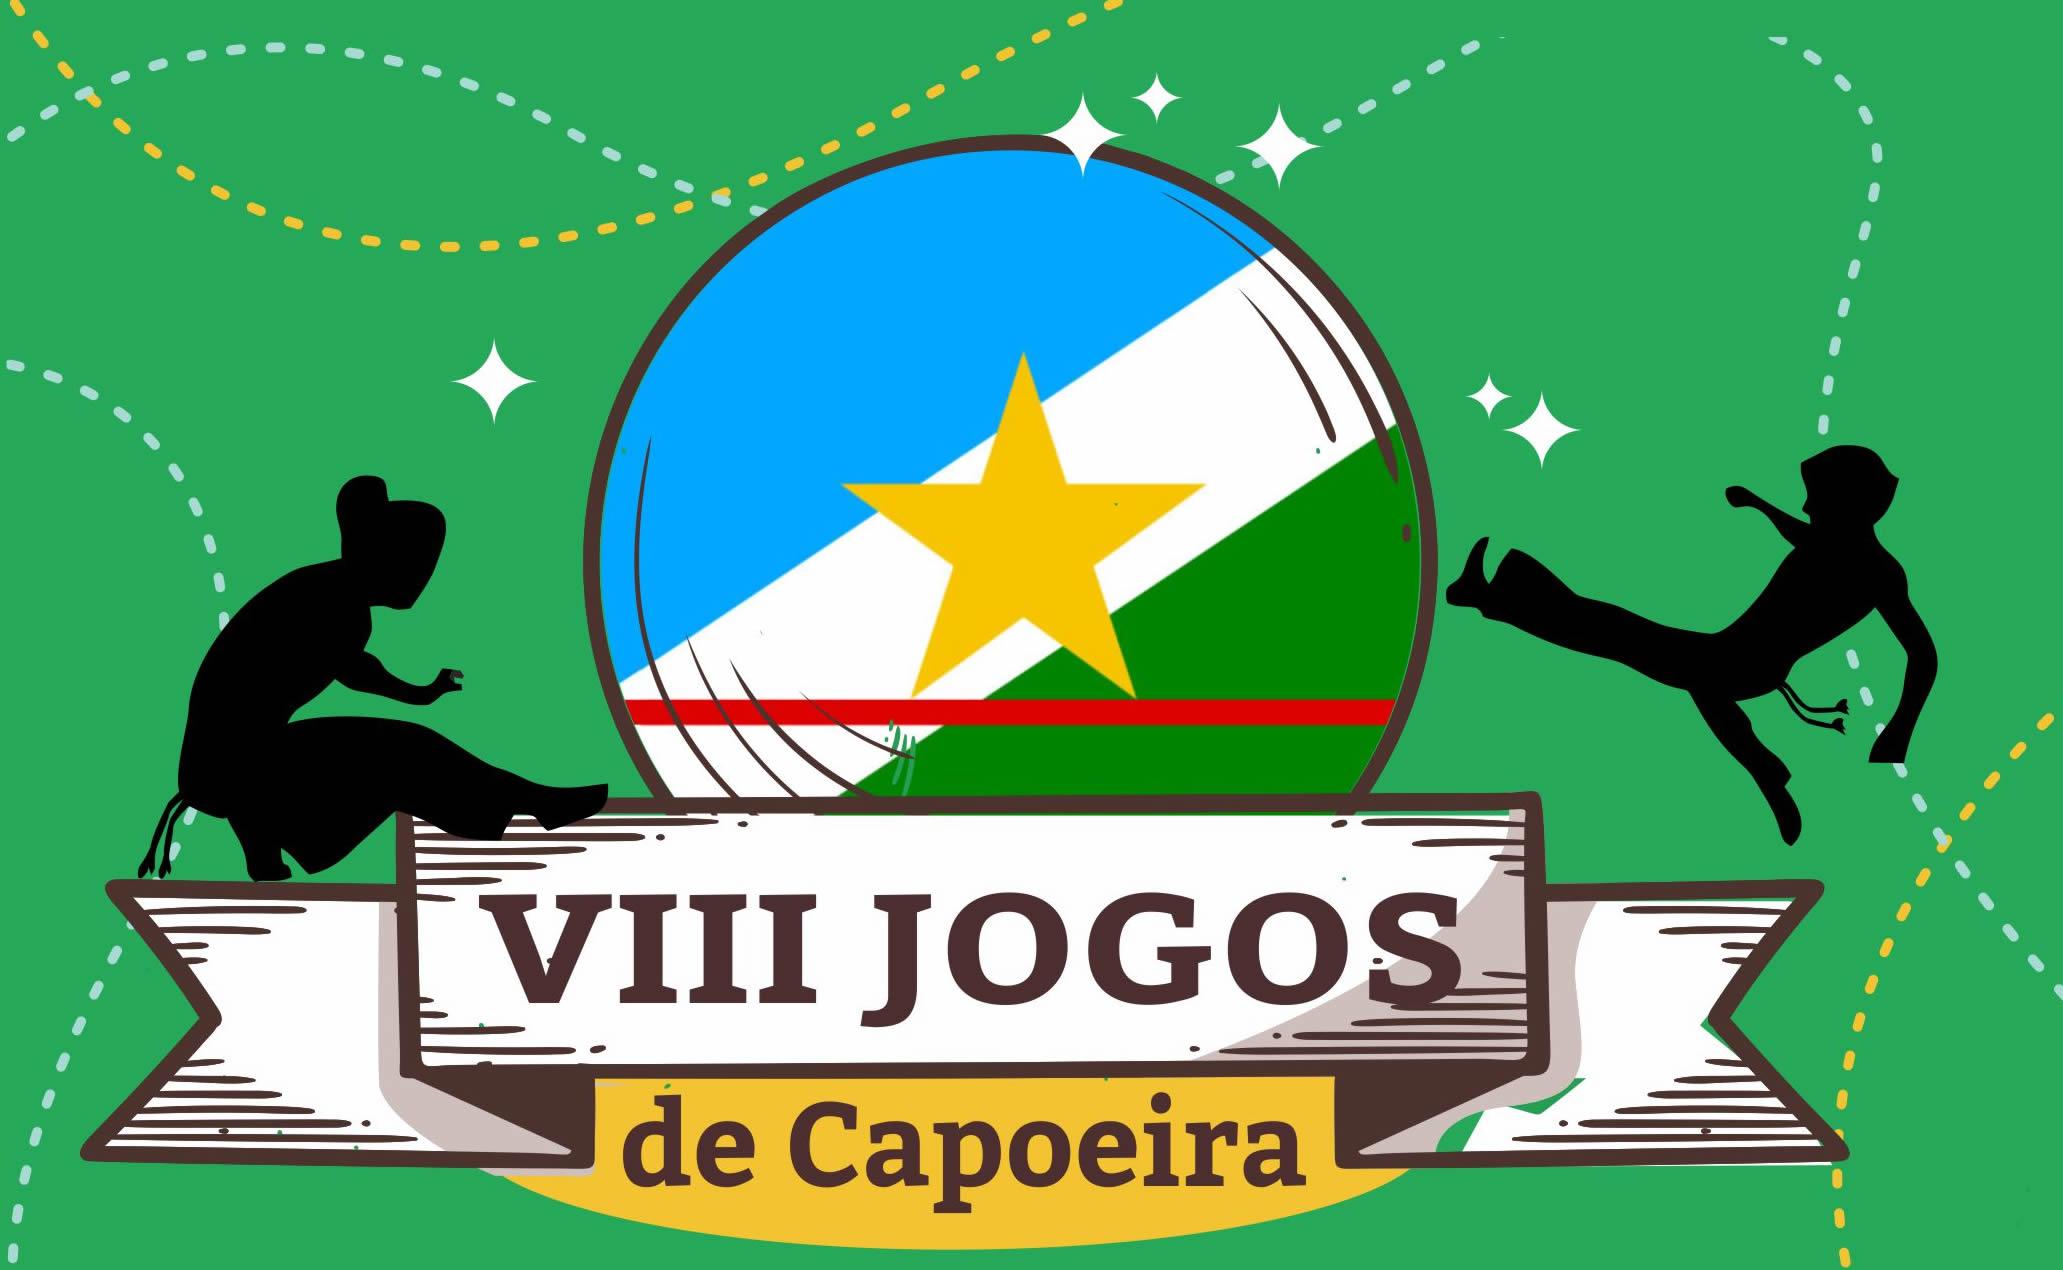 jogos-de-capoeira-2018